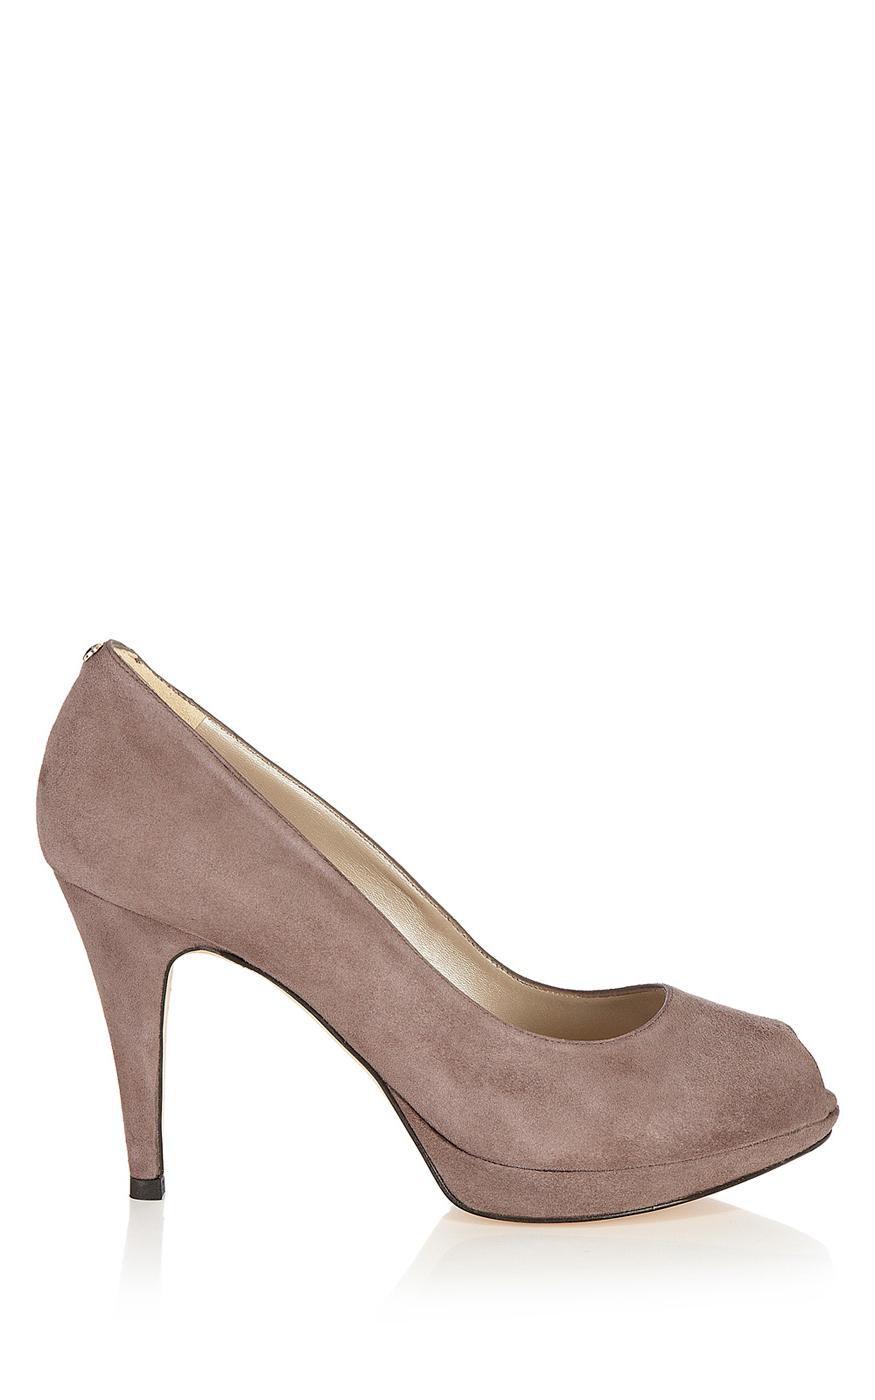 Karen Millen Court Shoes